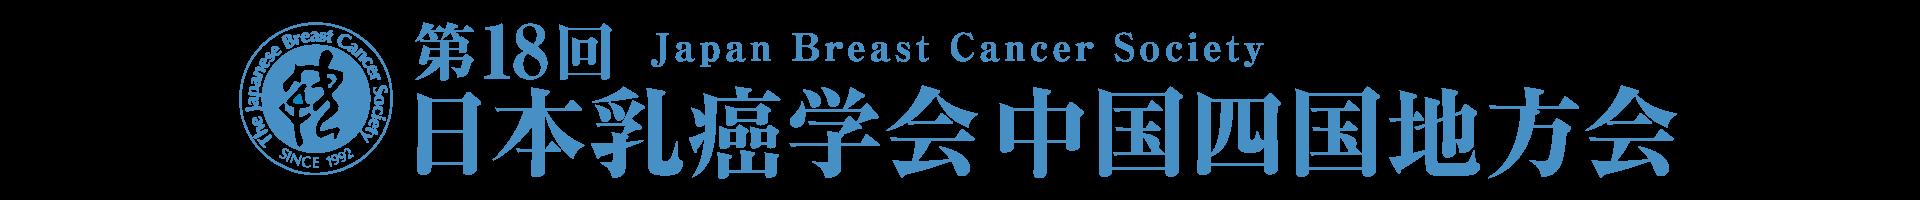 第18回日本乳癌学会中国四国地方会